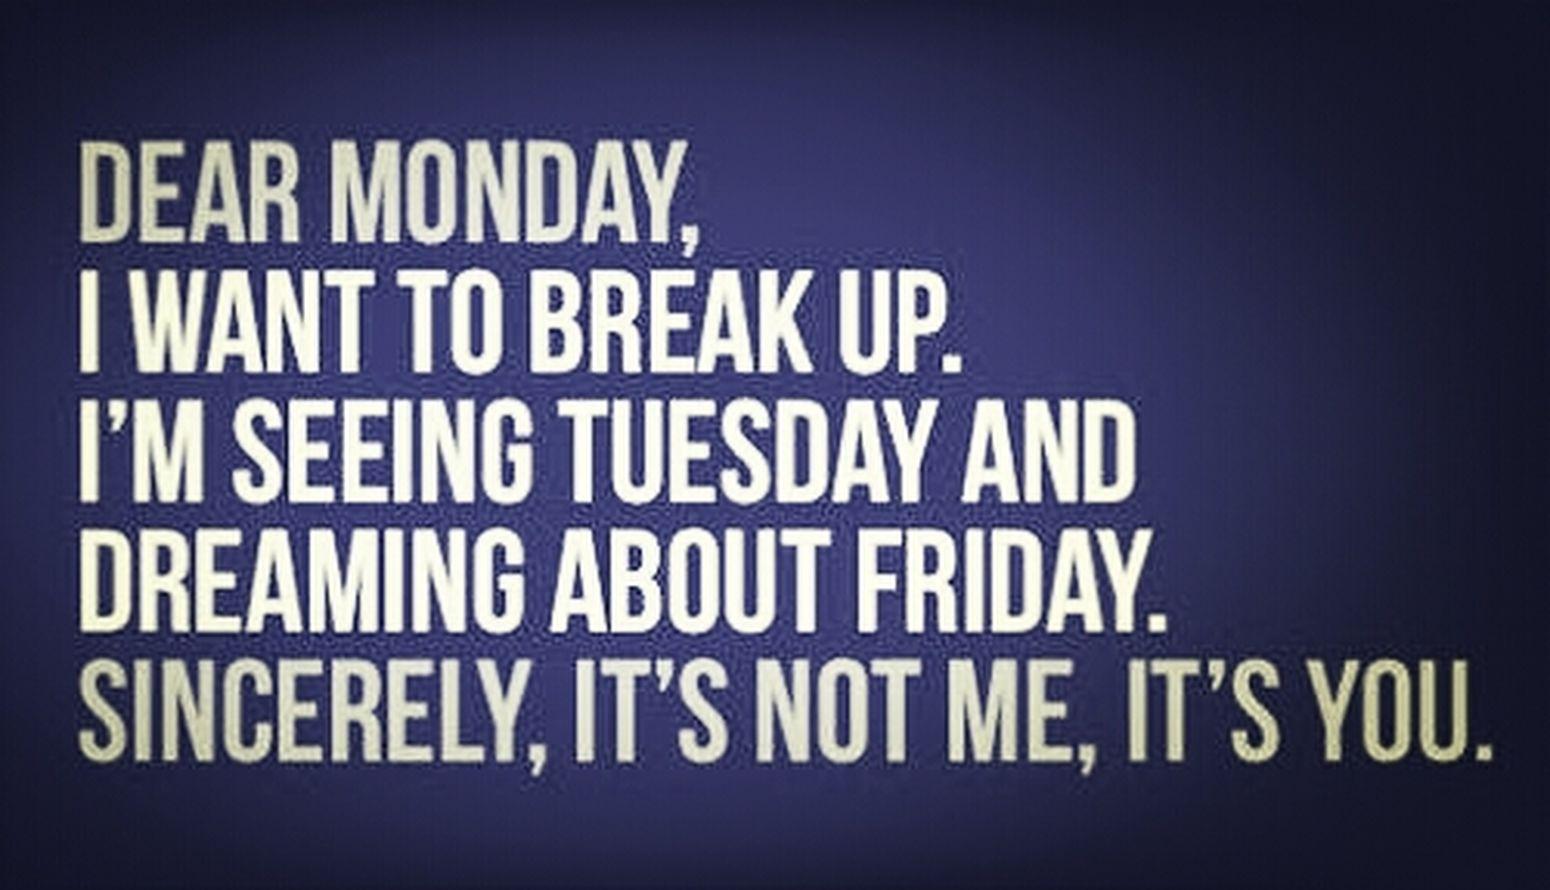 Thats It #Mondays